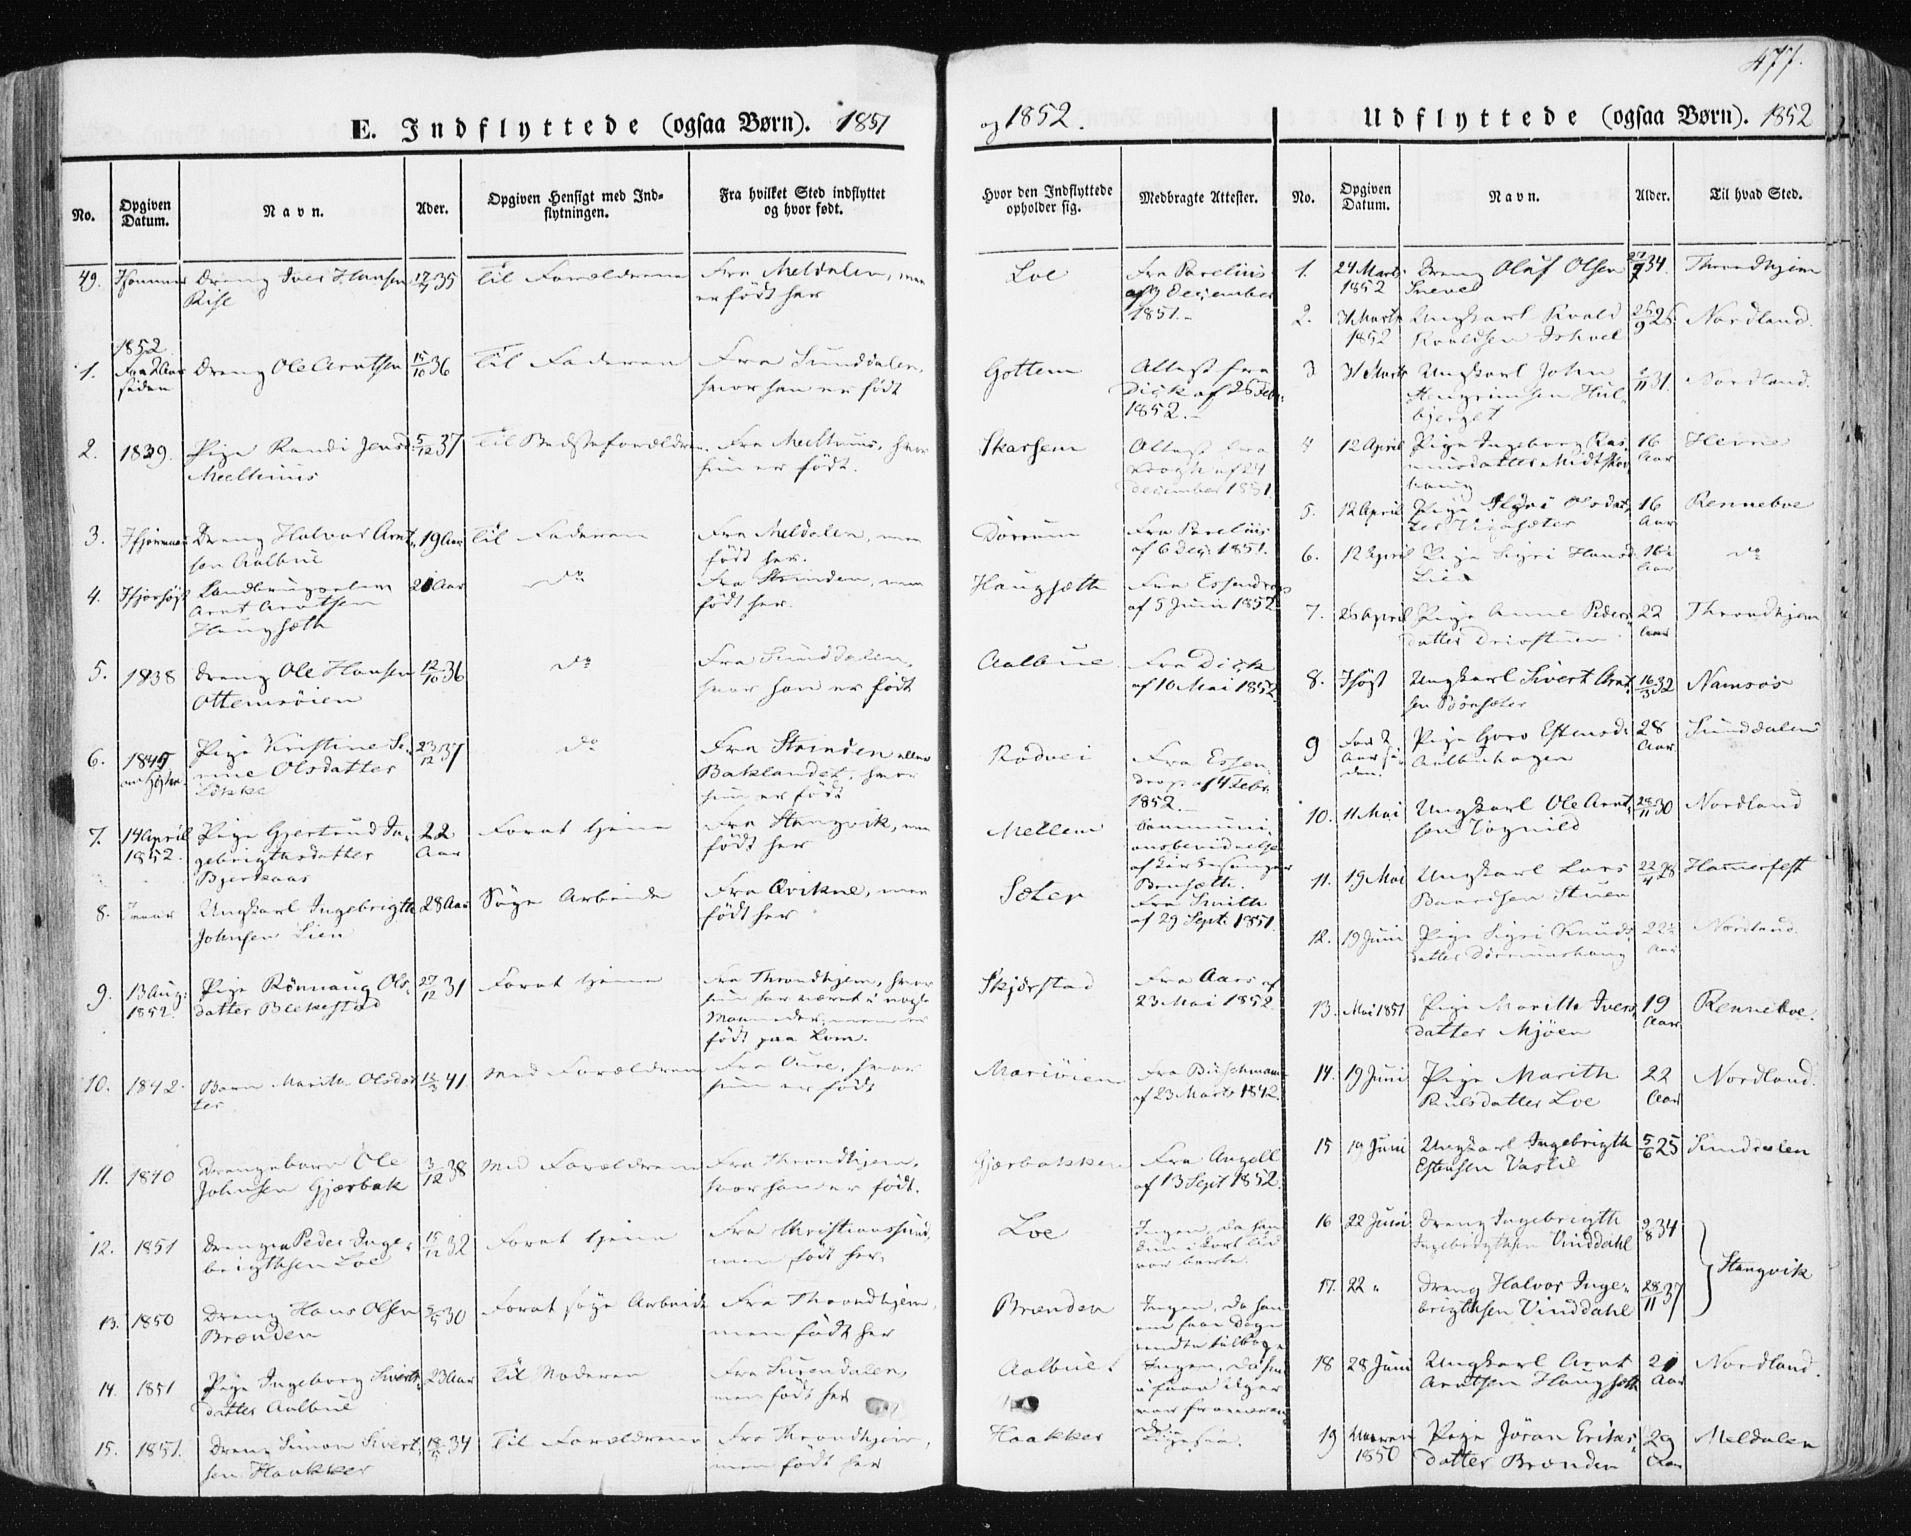 SAT, Ministerialprotokoller, klokkerbøker og fødselsregistre - Sør-Trøndelag, 678/L0899: Ministerialbok nr. 678A08, 1848-1872, s. 477